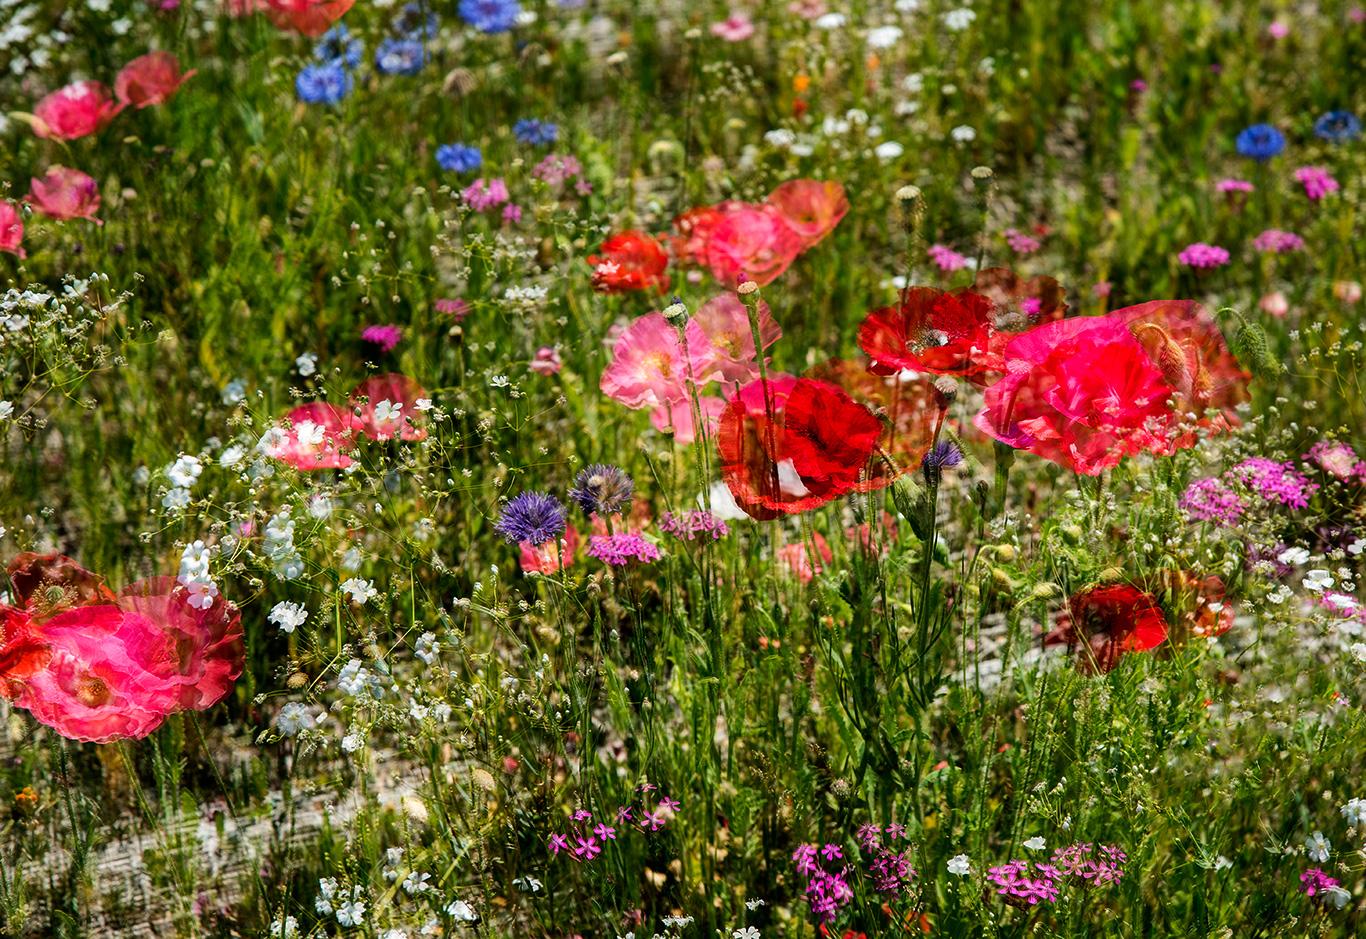 FLOWERS-EXPERIMENTAL46.jpg